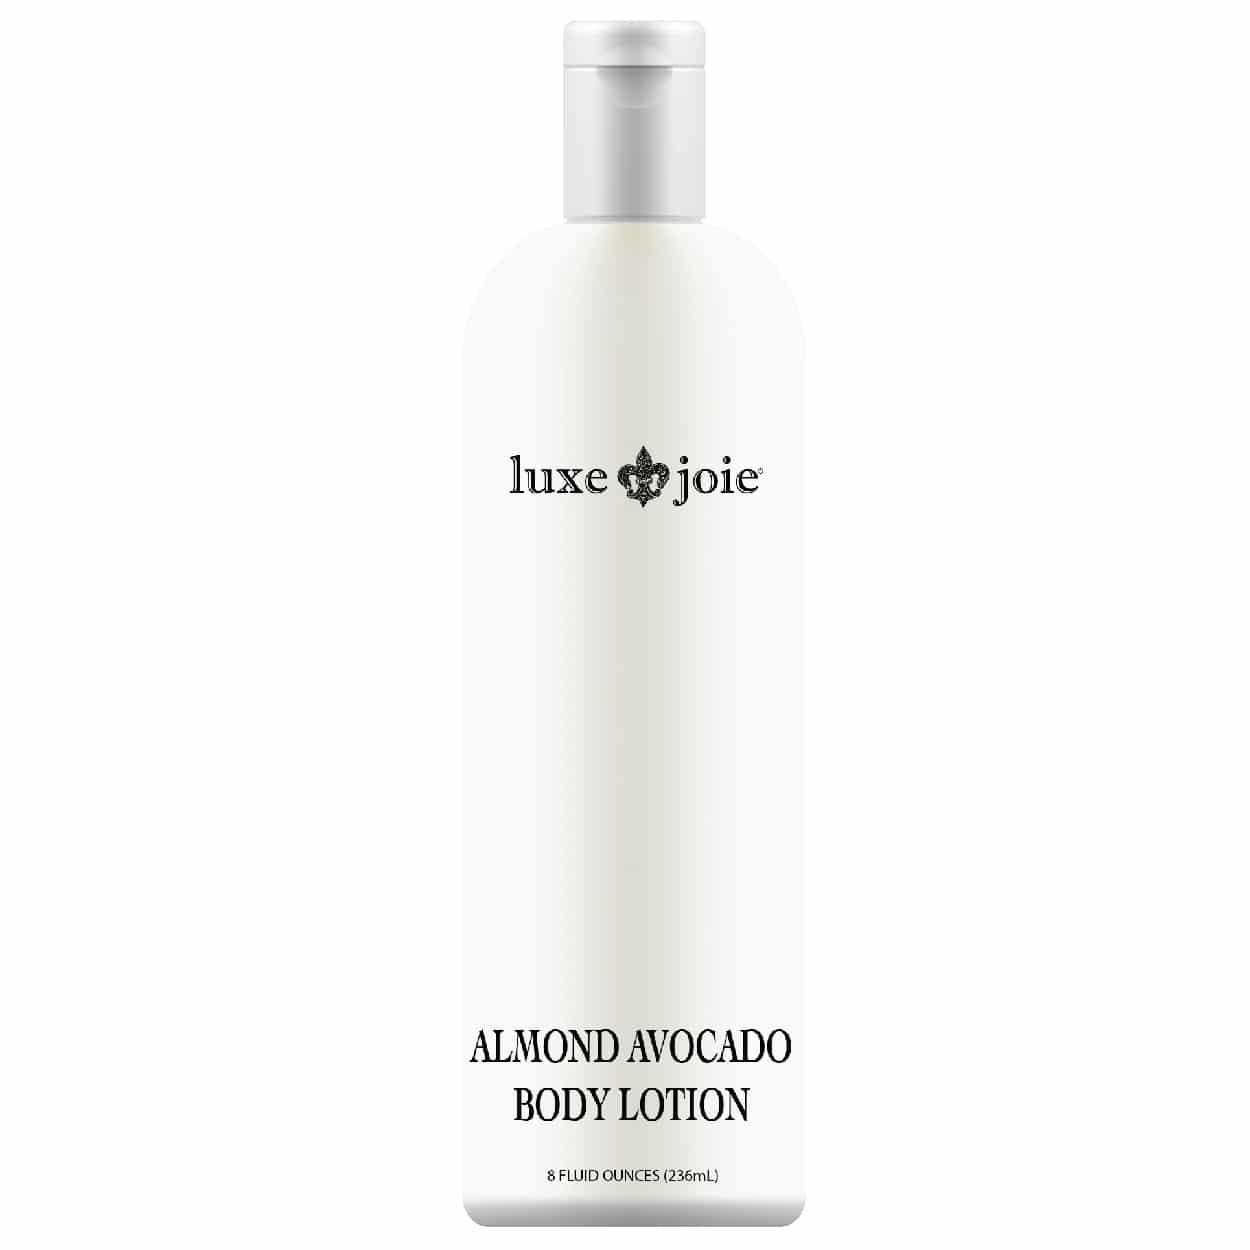 almond avocado body lotion on white background